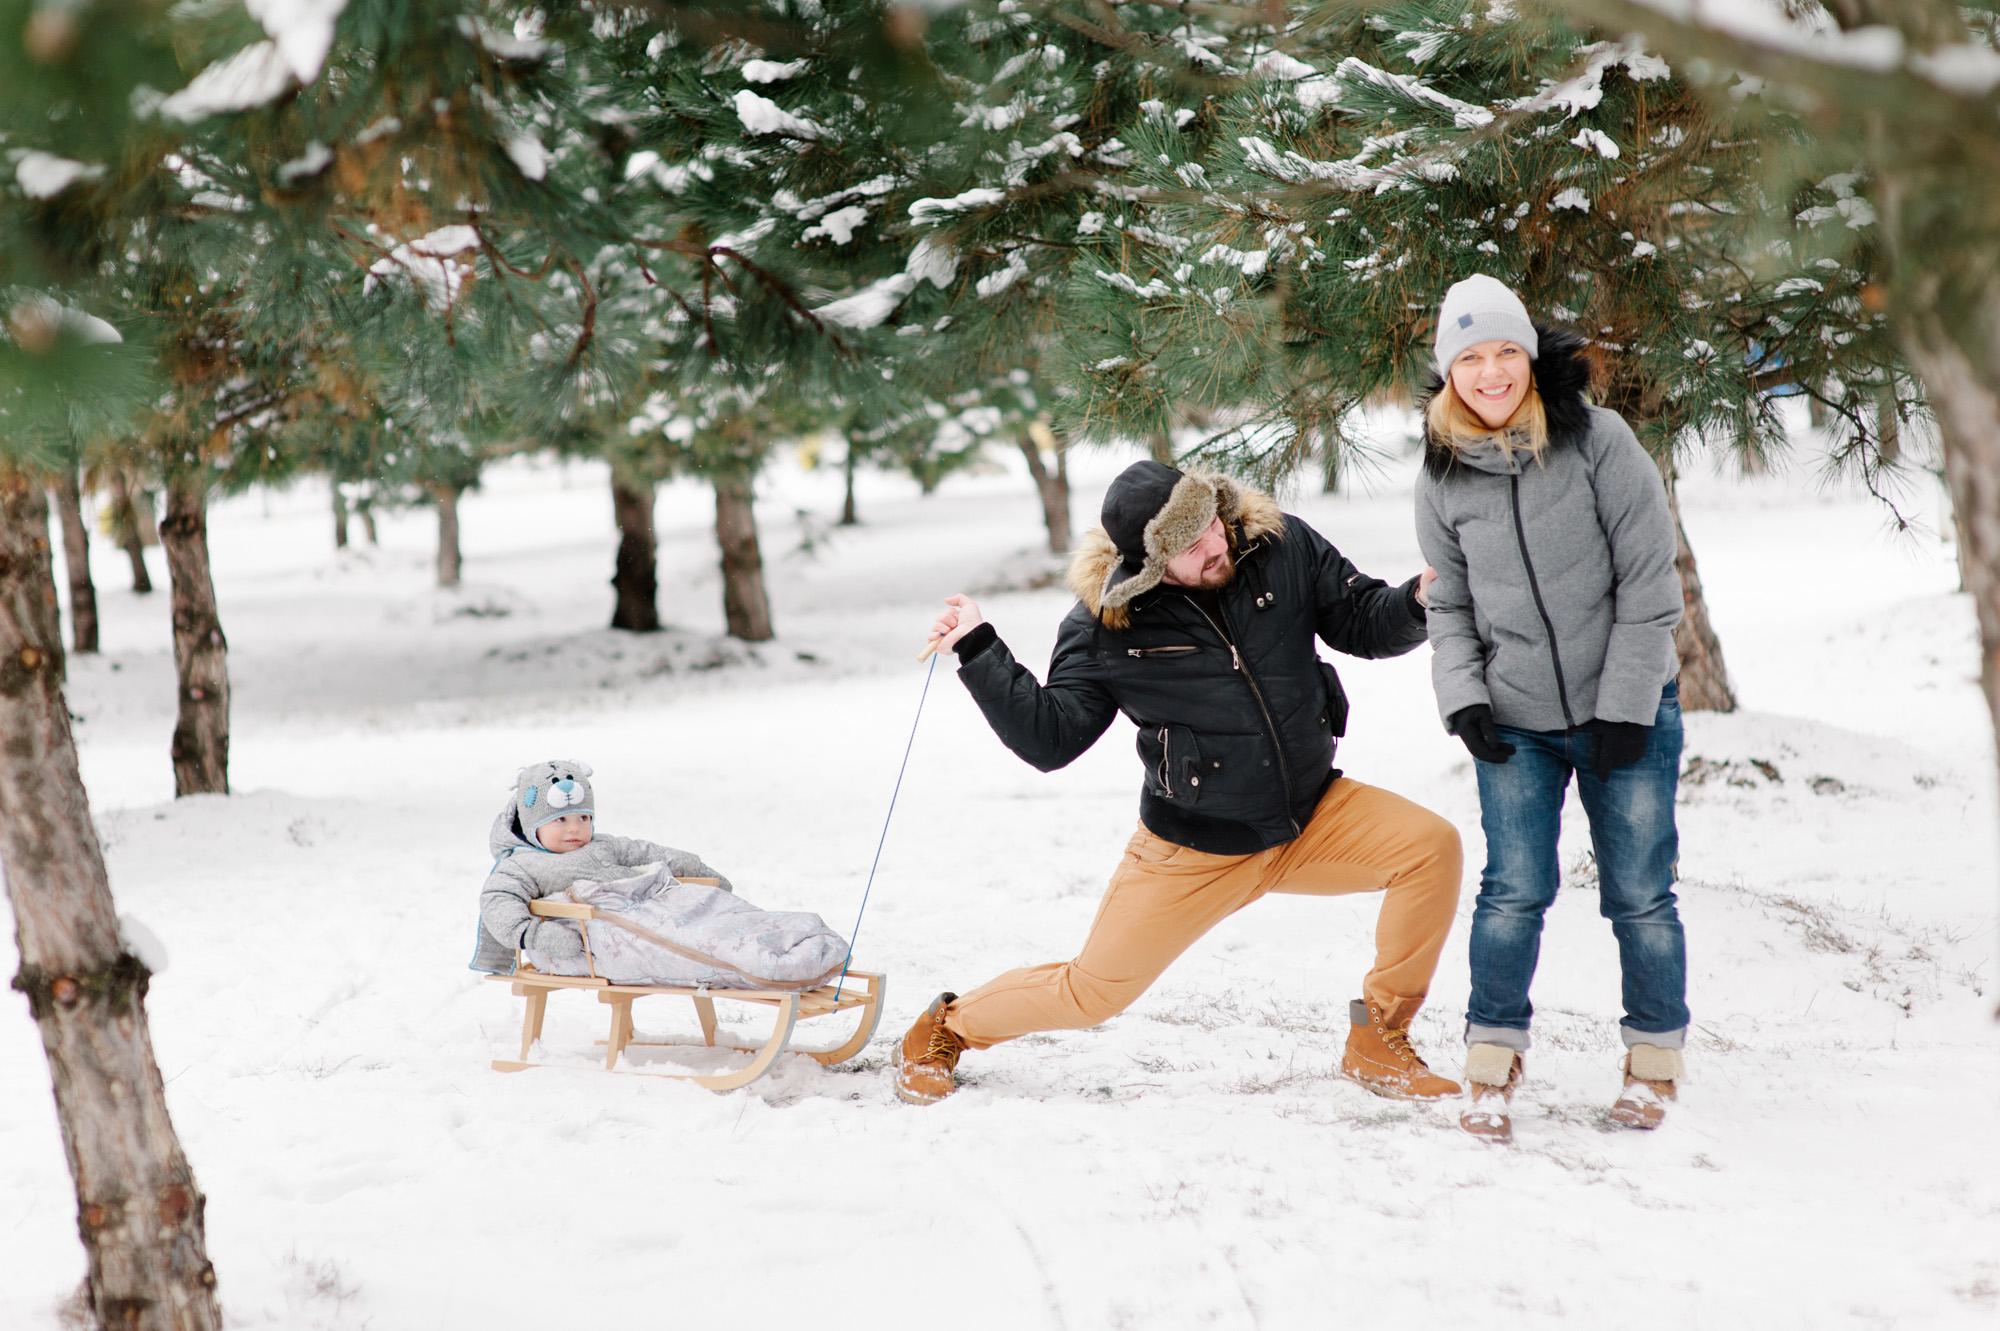 Сколько и когда можно гулять с новорожденным зимой: правила организации первых прогулок